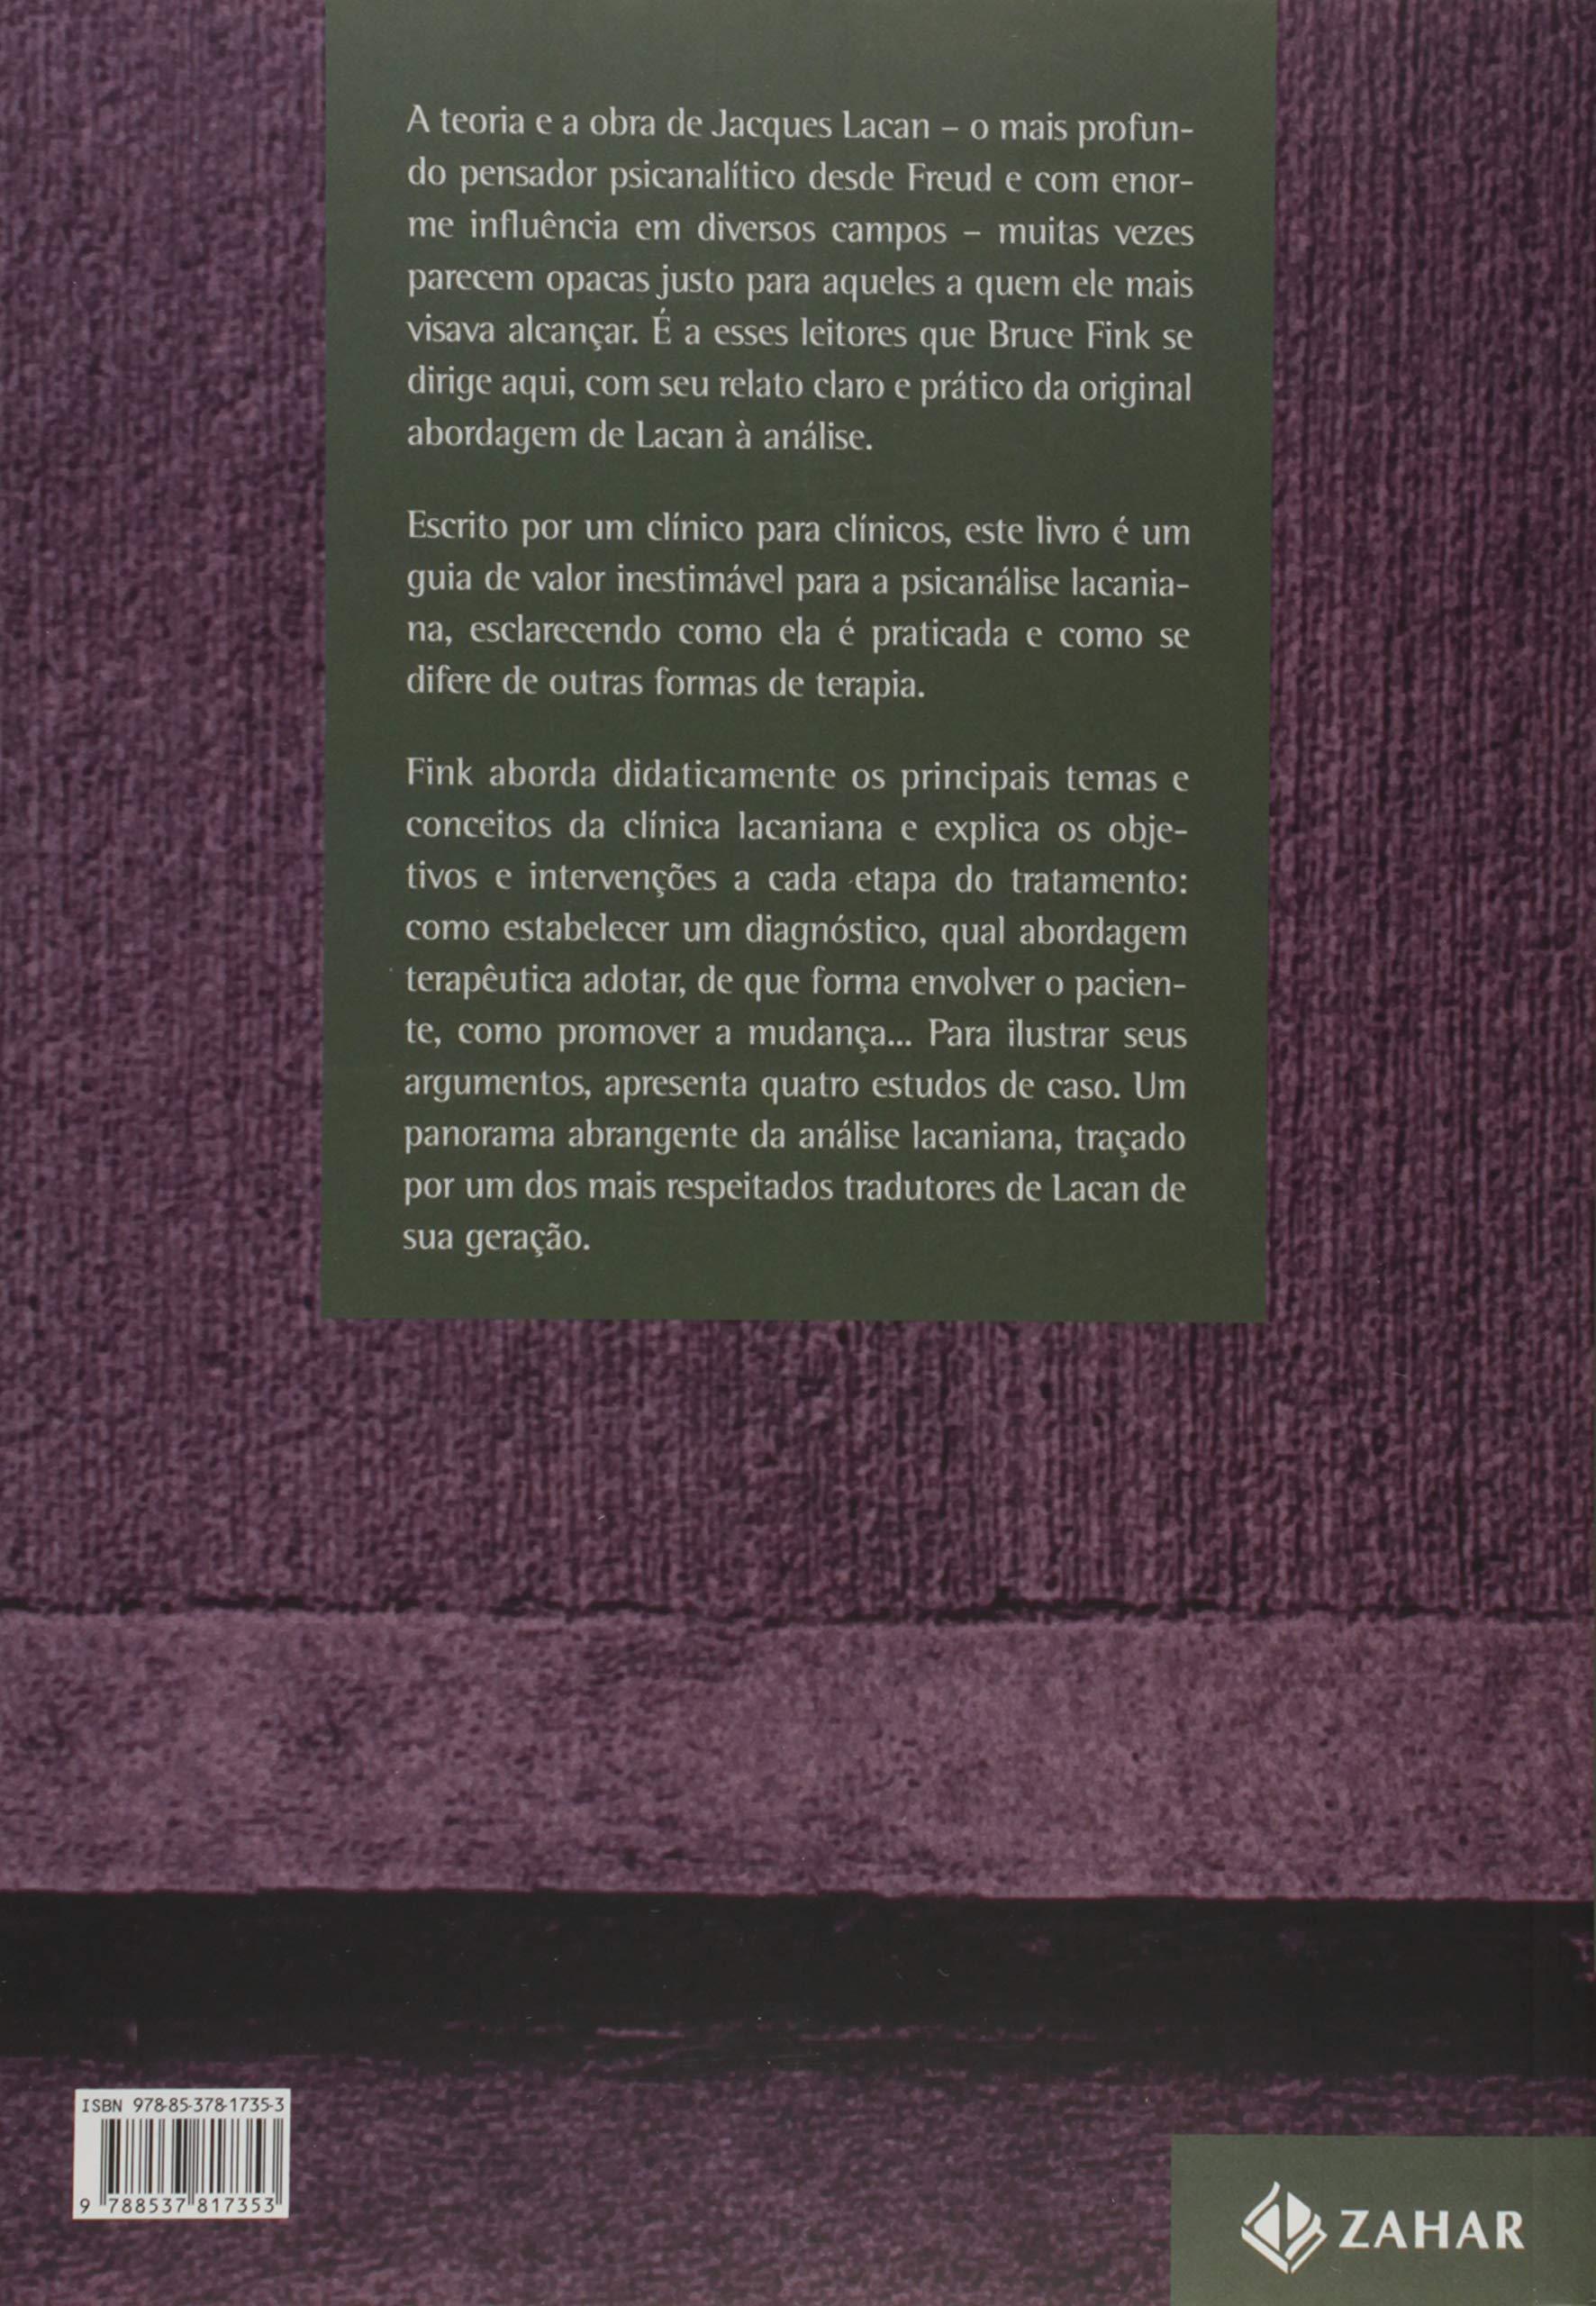 Introdução Clínica à Psicanálise Lacaniana' por Bruce Fink